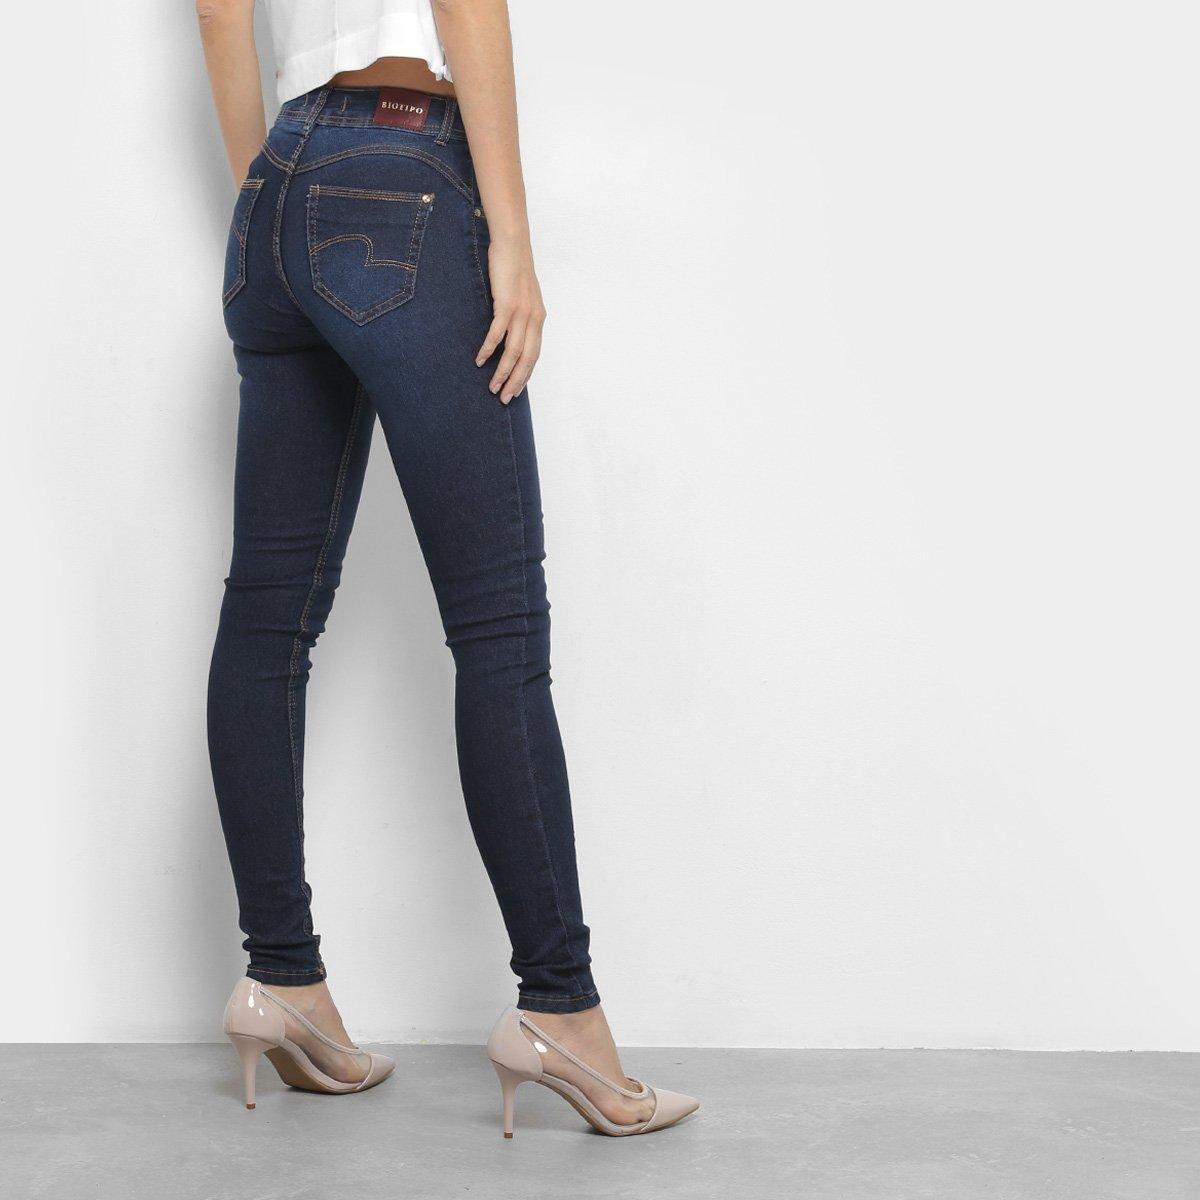 a3103aec8 ... Calça Jeans Skinny Biotipo Lisa Cintura Média Feminina - Compre ...  b29b7ce9bab ...